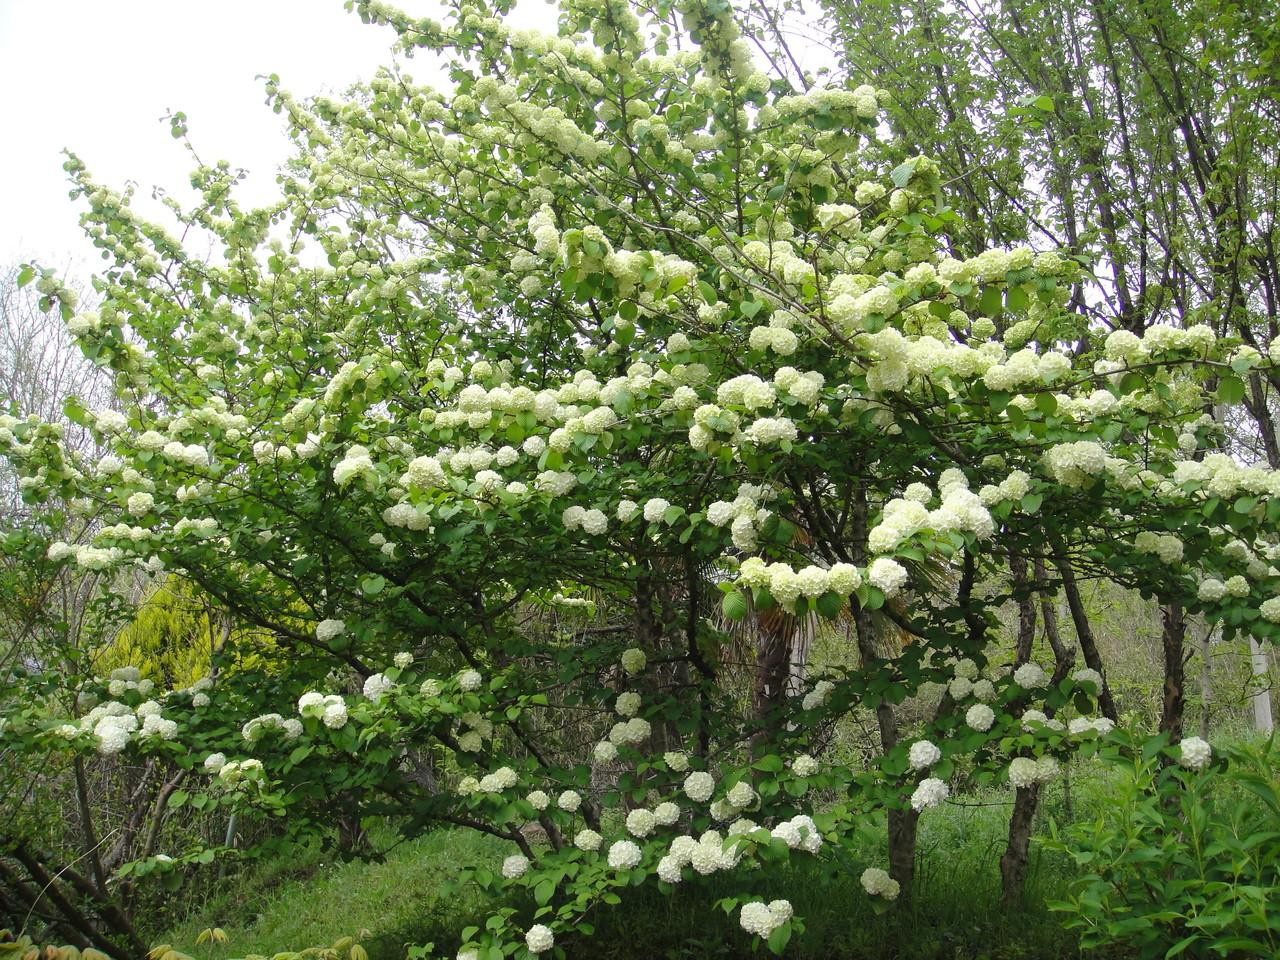 オオデマリの花は緑がかった白色の花を密集して手毬のような丸い形を作っている